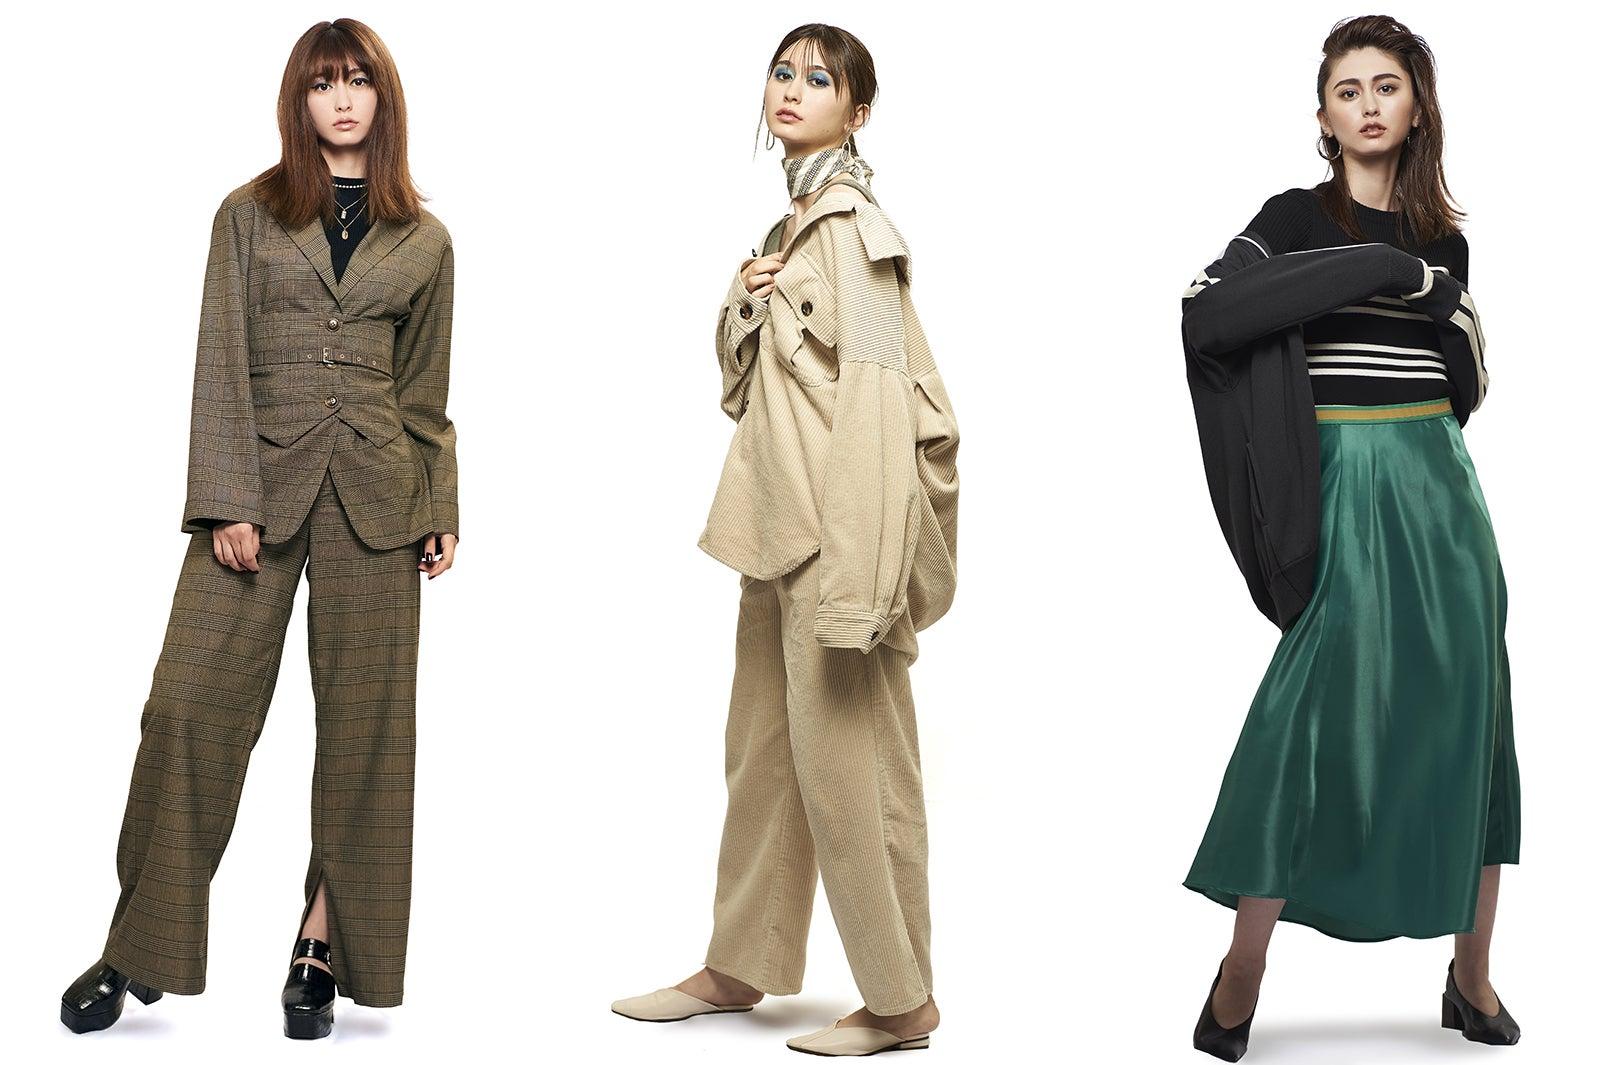 2019年秋冬の流行ファッションは?「TGC」3大トレンドキーワード